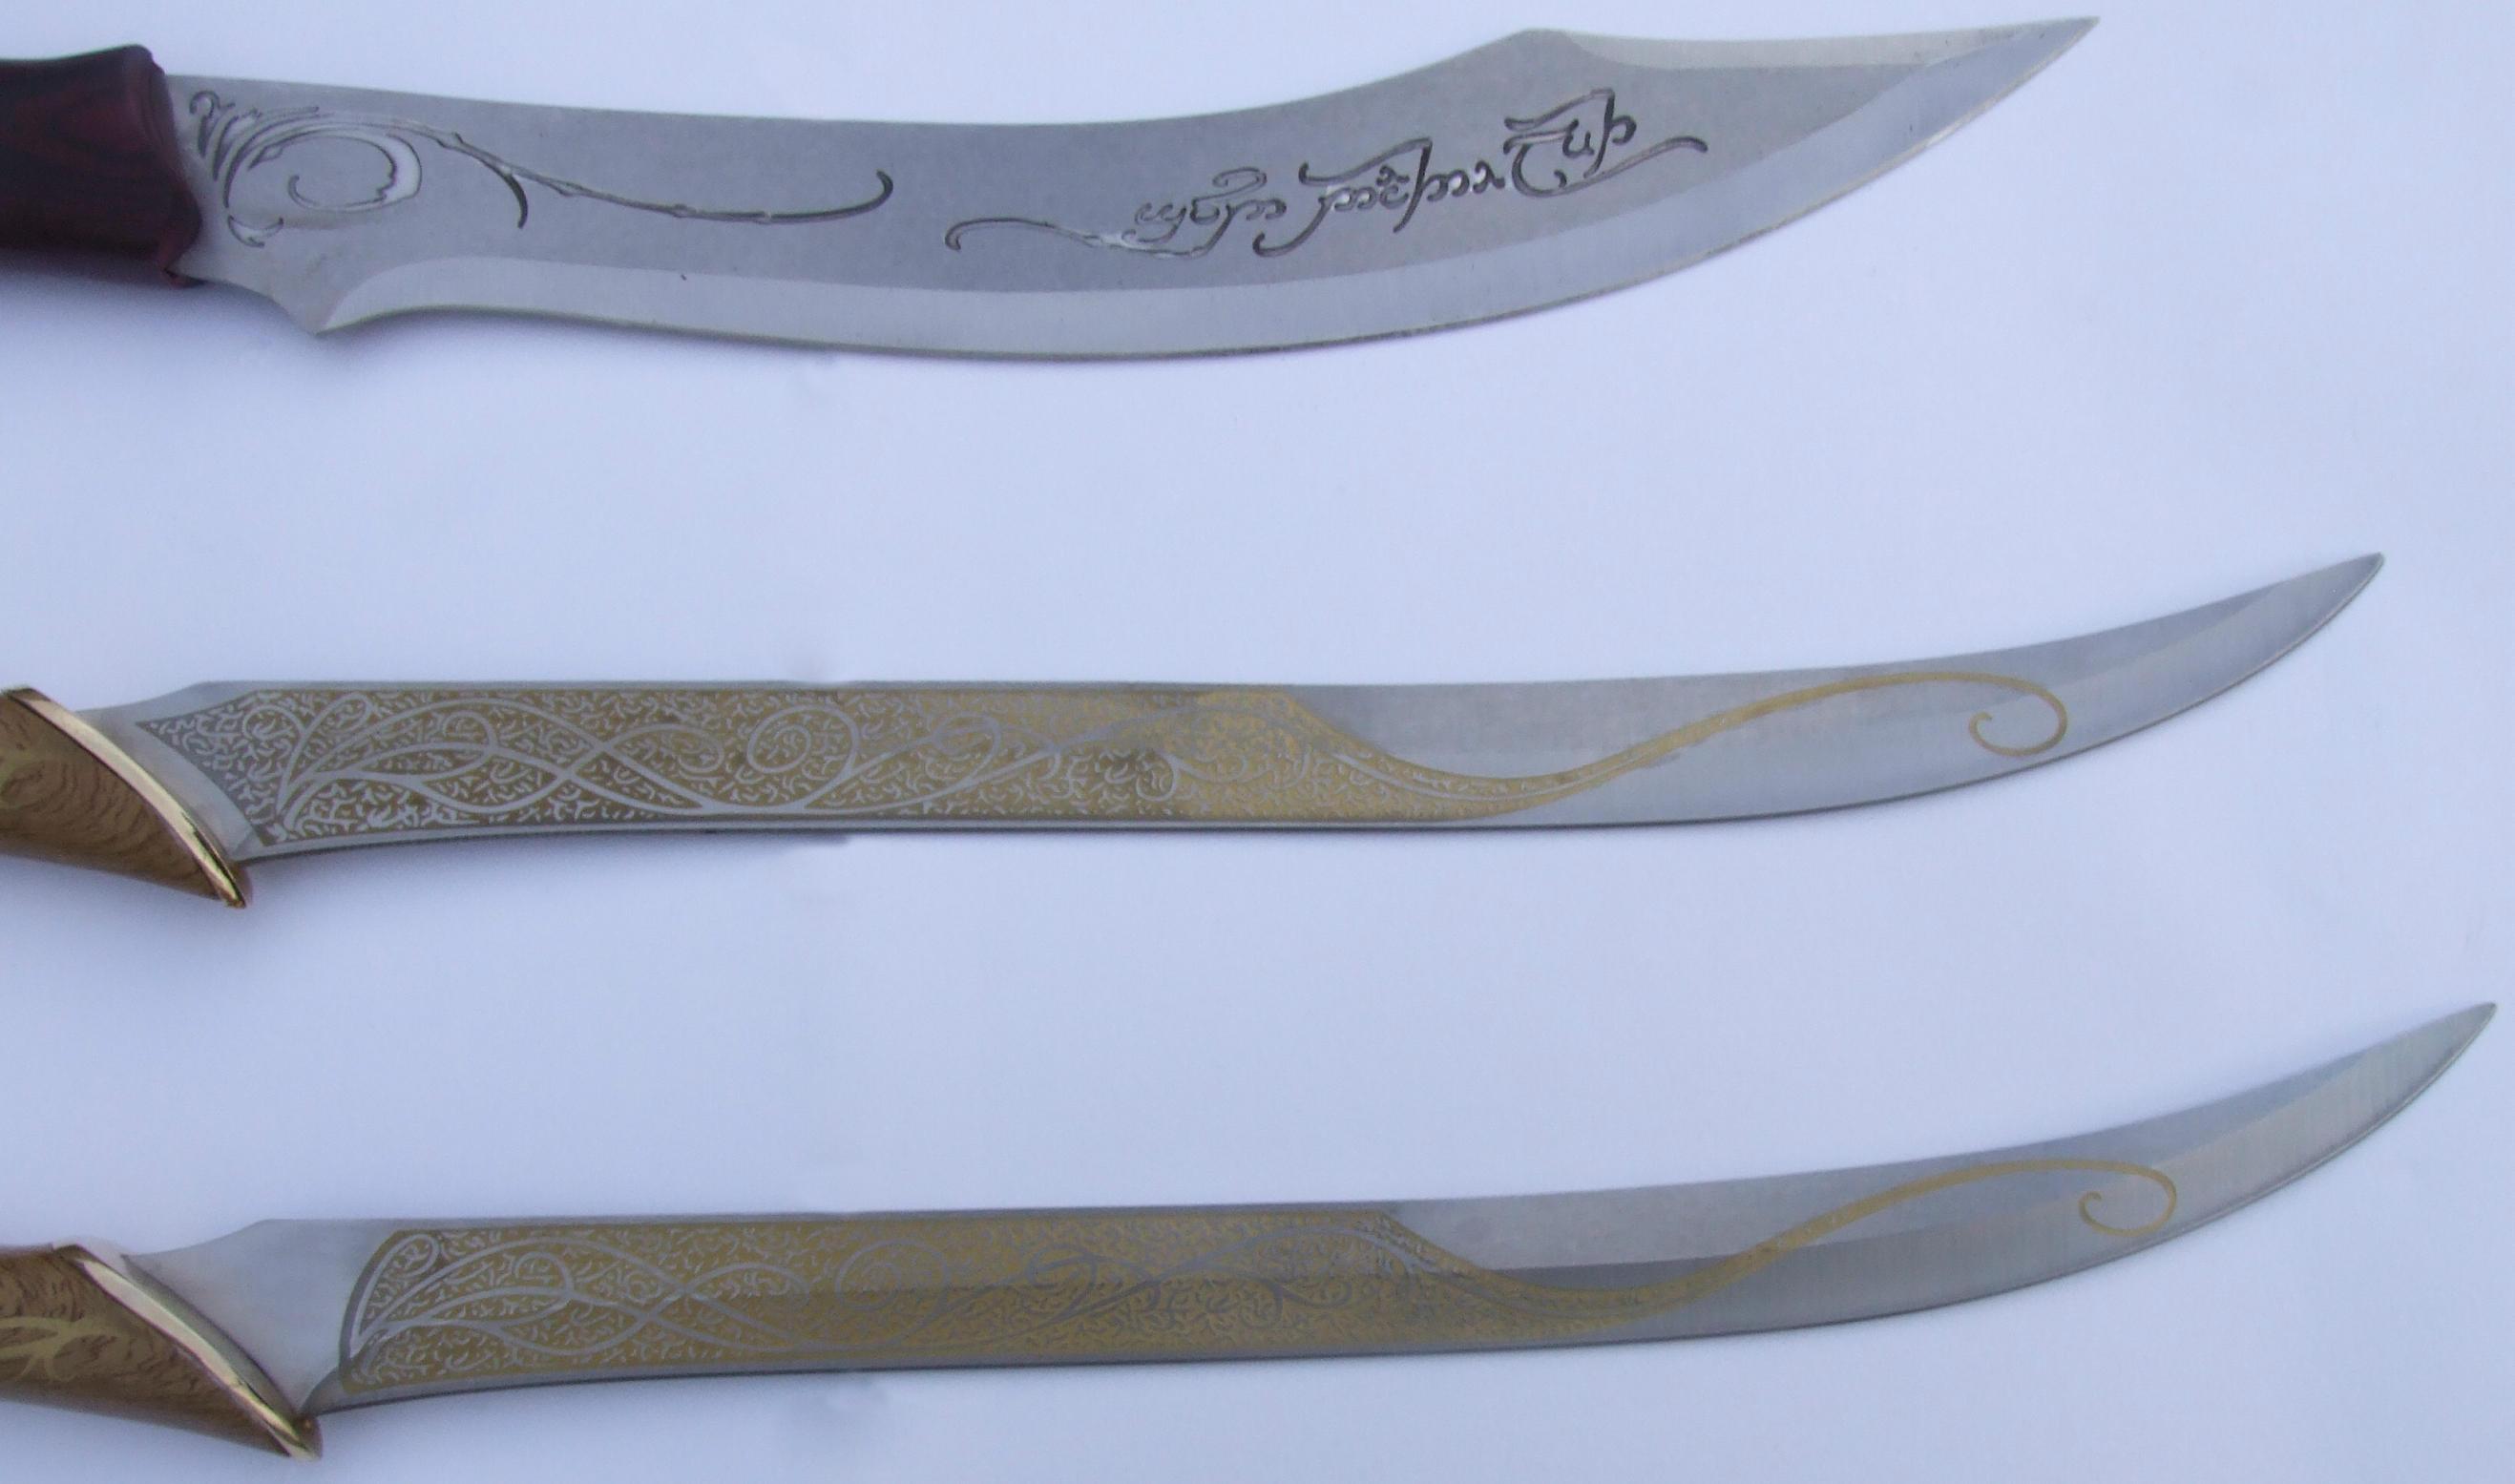 Conjal's LotR Elven Blade Set by FantasyStock